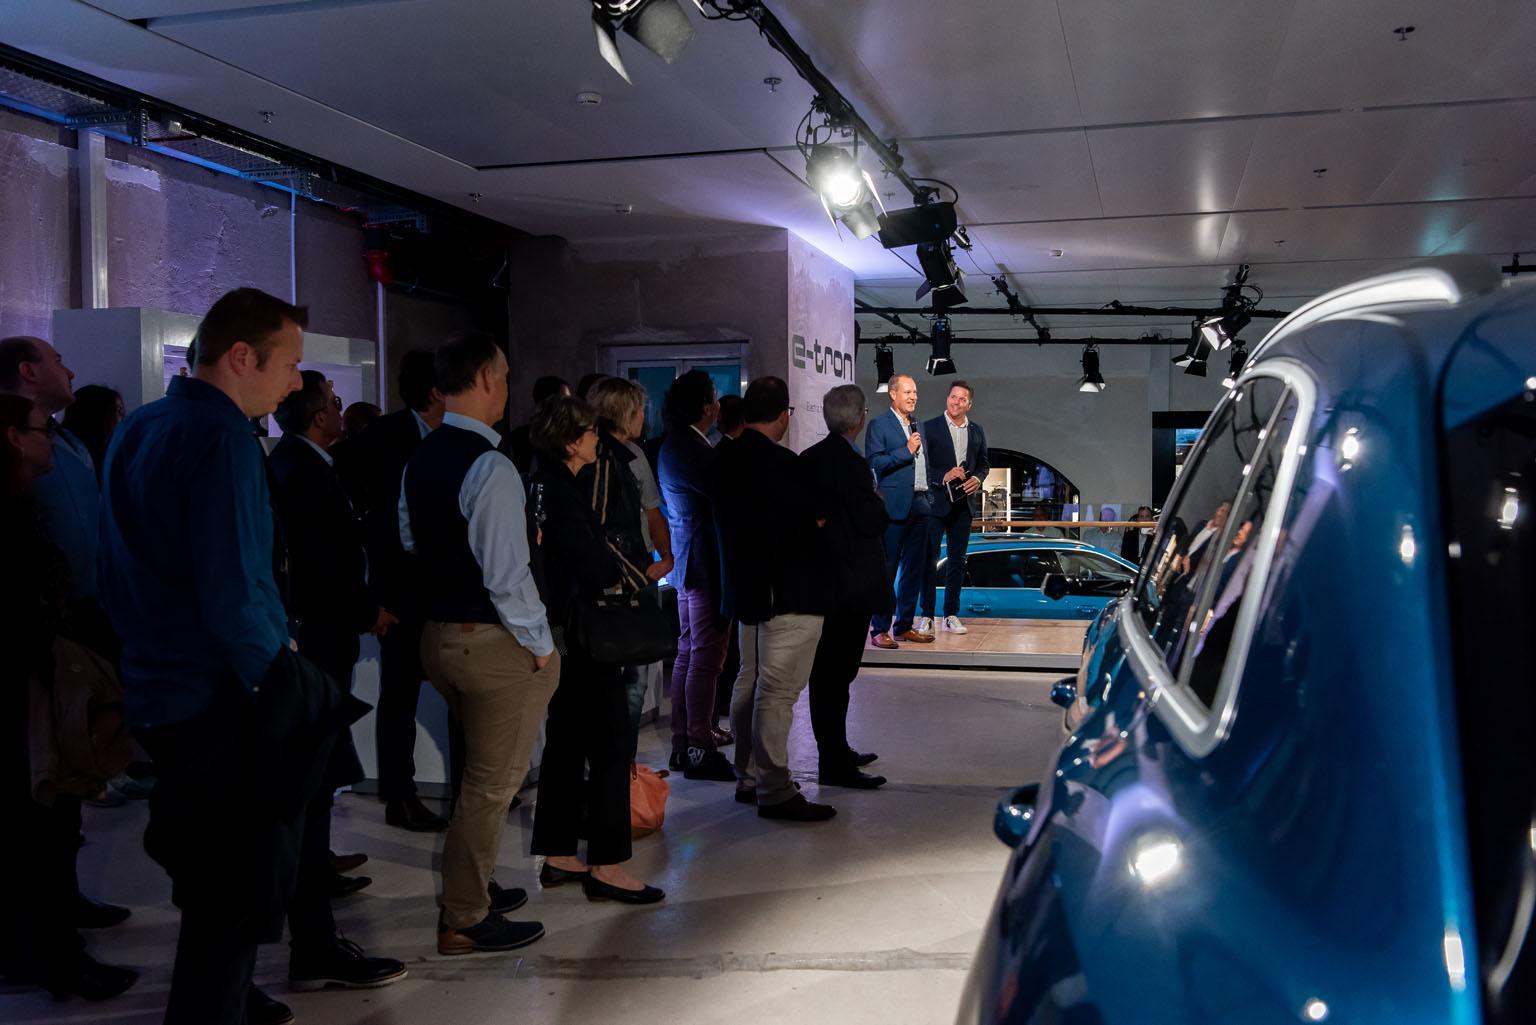 Jens van Eikels illustra a Sven Epiney e al pubblico zurighese le raffinatezze dell'Audi e-tron. (Tom Lüthi)